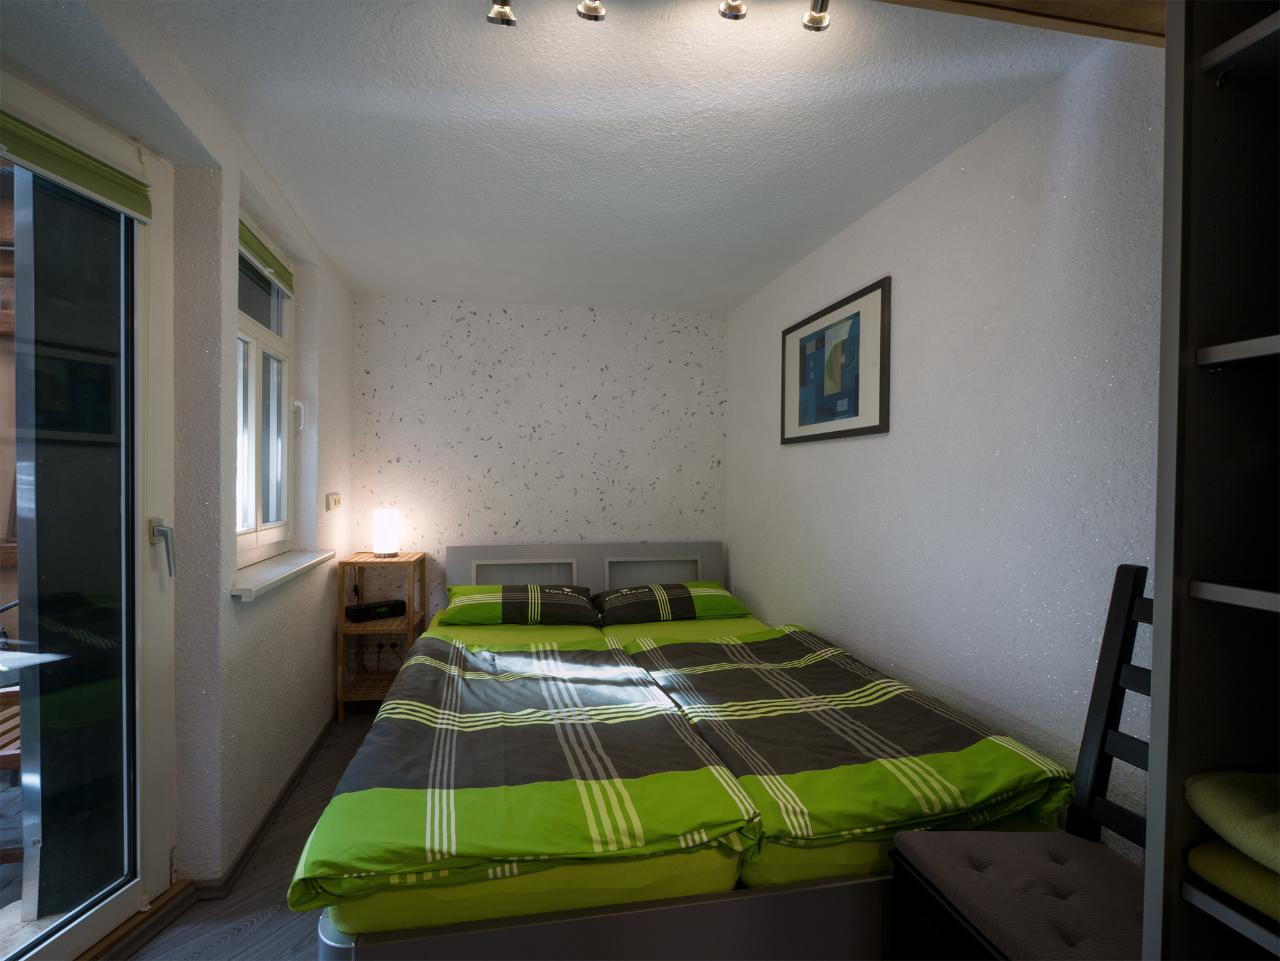 Bett-RPfützenreuter.jpg